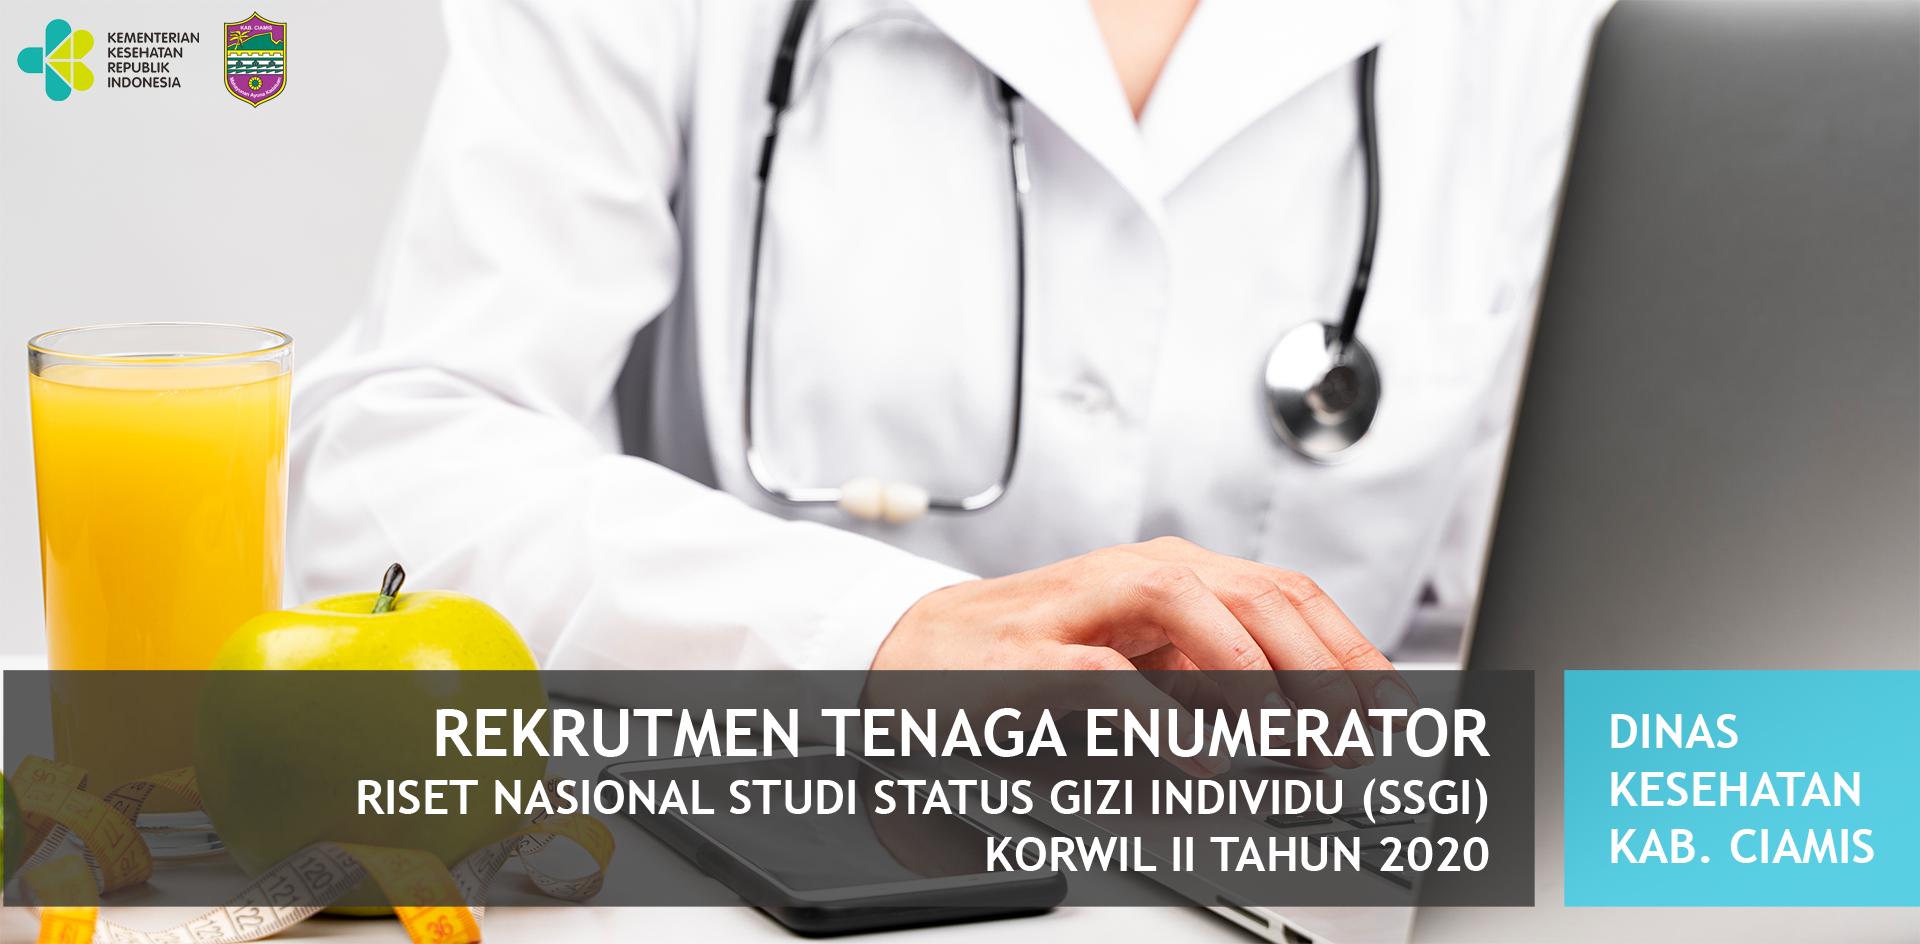 Hasil Evaluasi Persyaratan Administrasi Rekrutmen Tenaga Enumerator Studi Status Gizi Individu (SSGI)